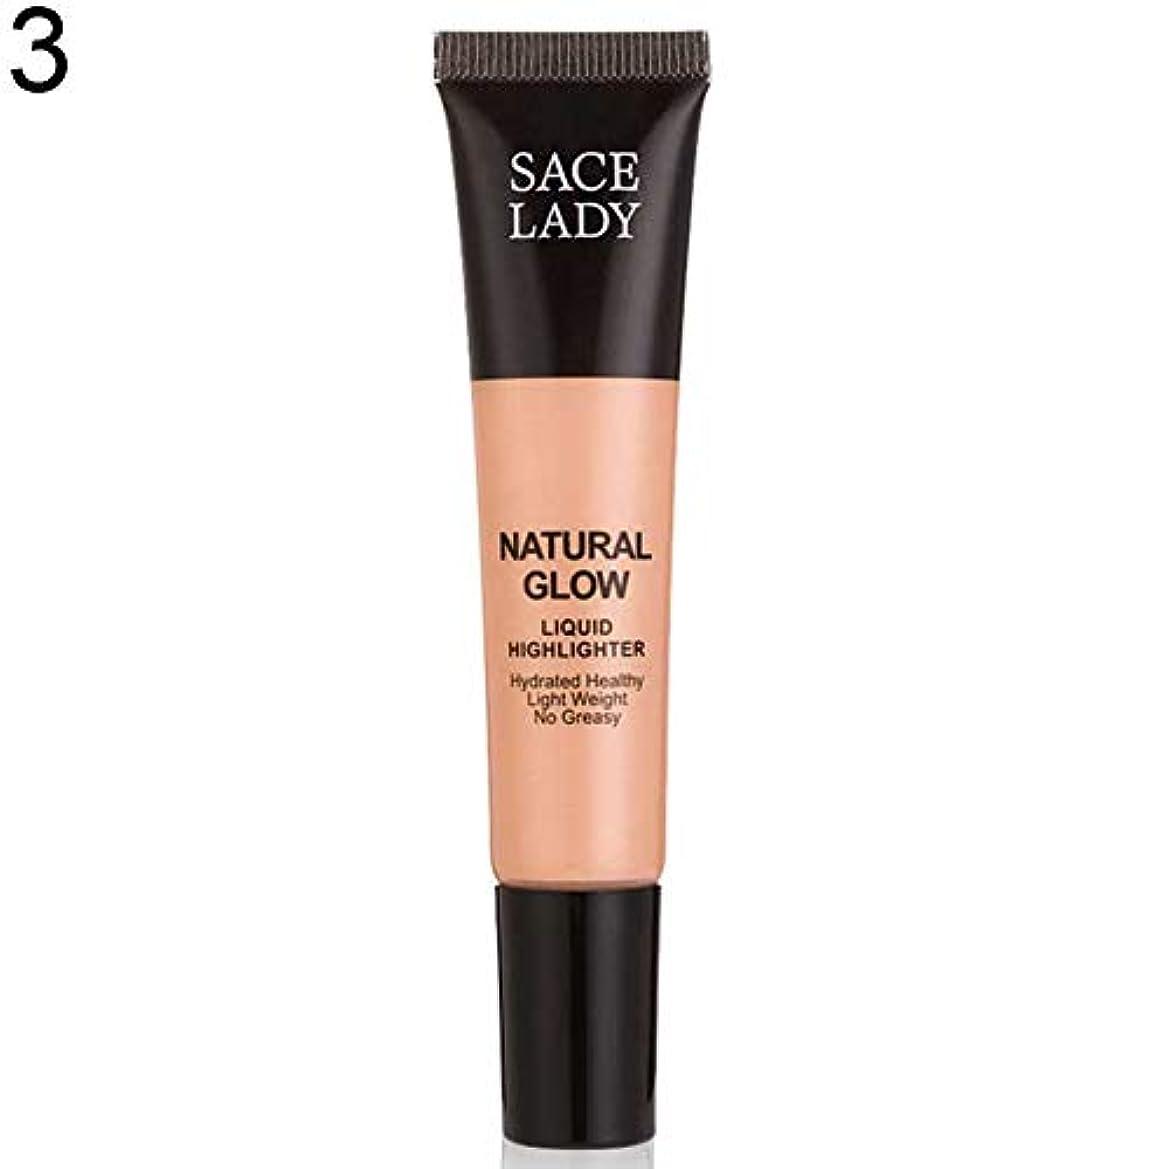 補充無限大クラックSACE LADY液体蛍光ペン水和非脂っこい化粧顔ブロンザー - 3#